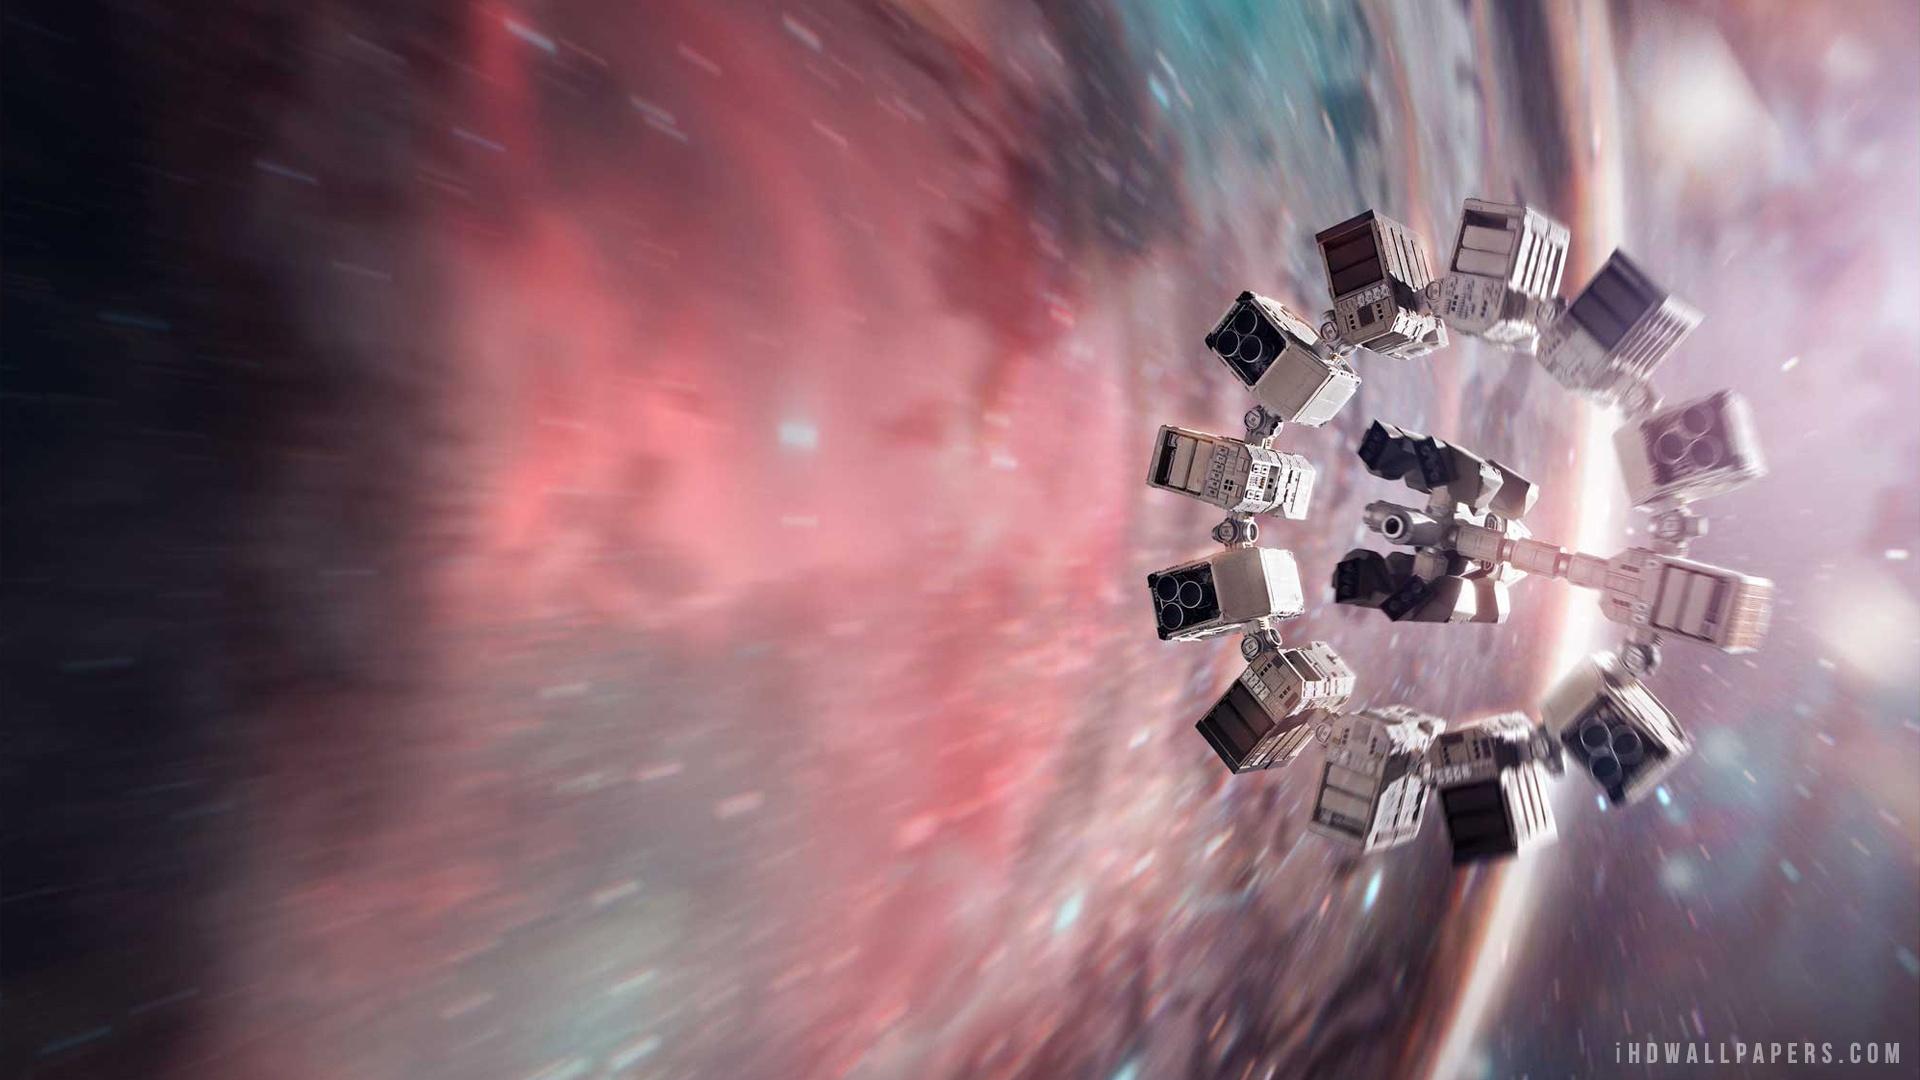 2014 Interstellar Movie wallpaper 1920x1080